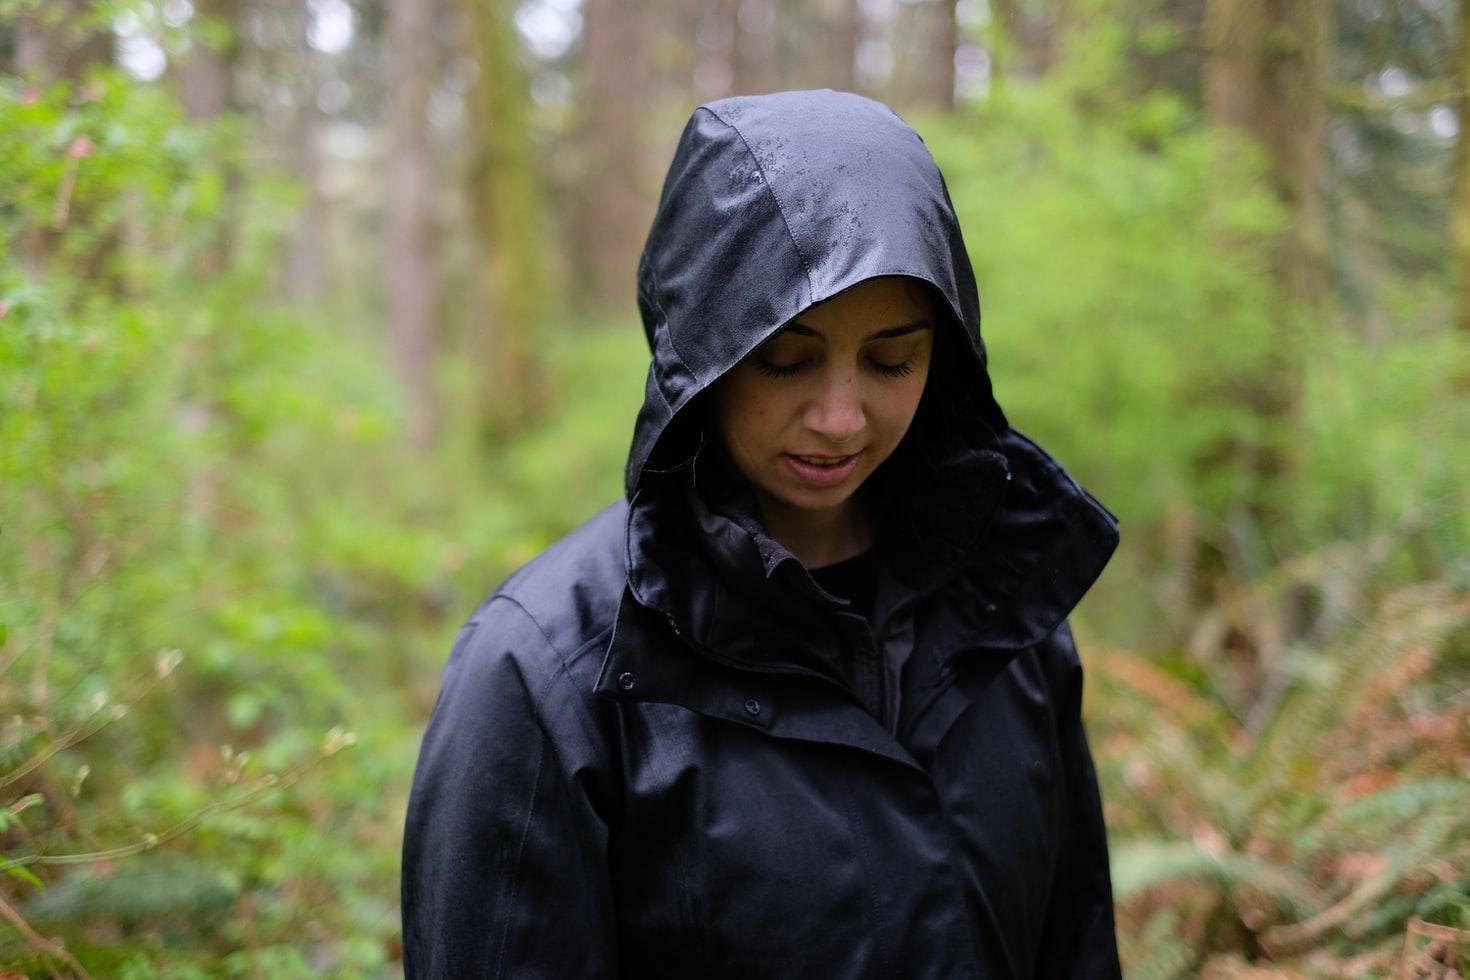 Para cégo ver: A foto mostra uma mulher vestida com uma jaqueta impermeável preta, olhando para baixo. Ao fundo aparece uma floresta desfocada.